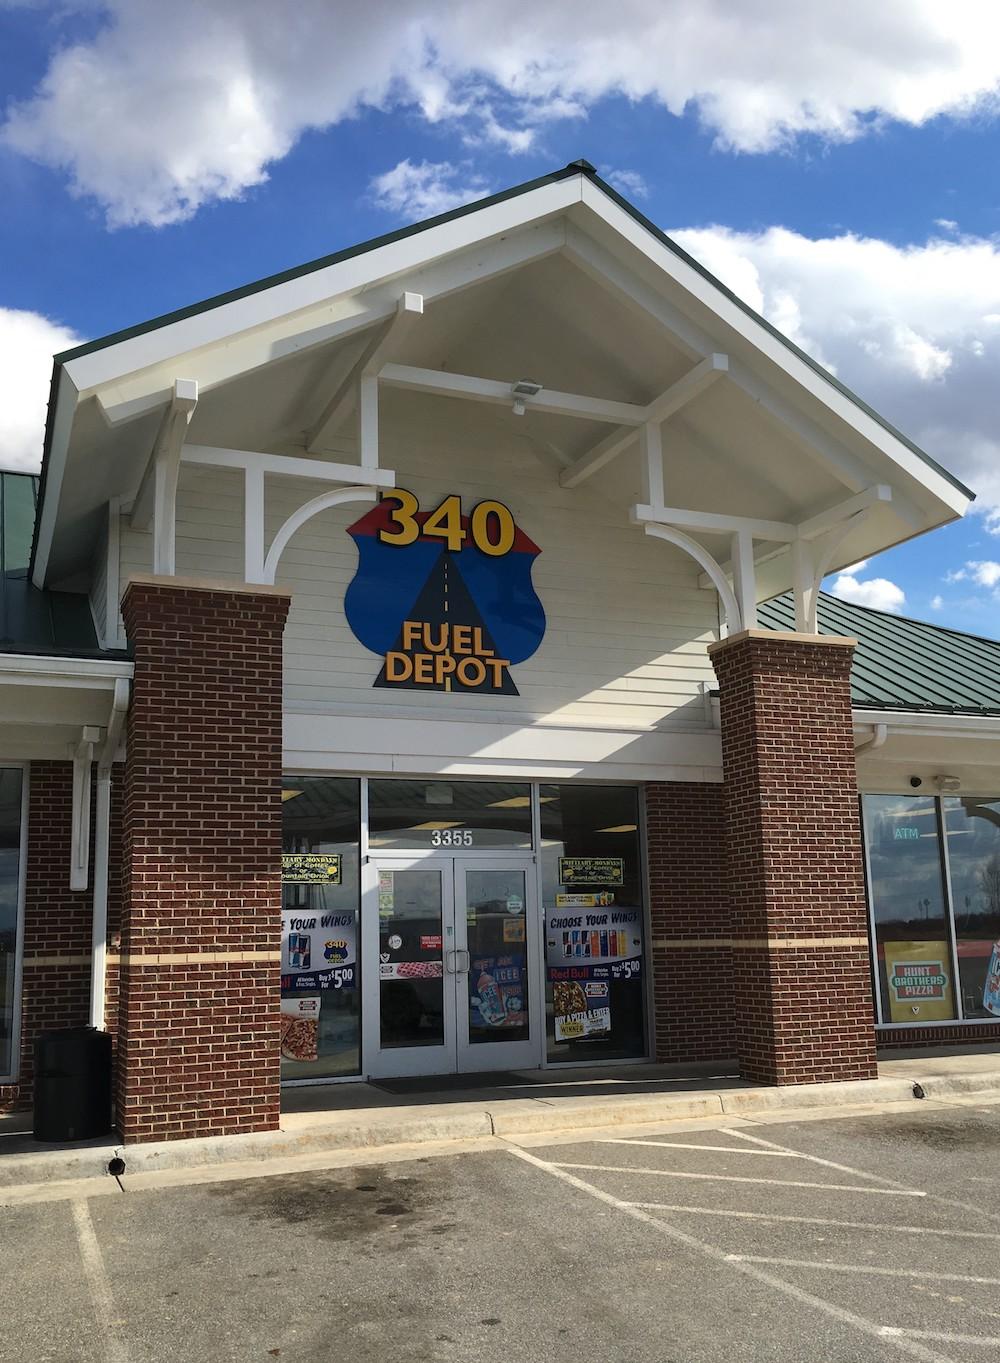 340 Fuel Depot